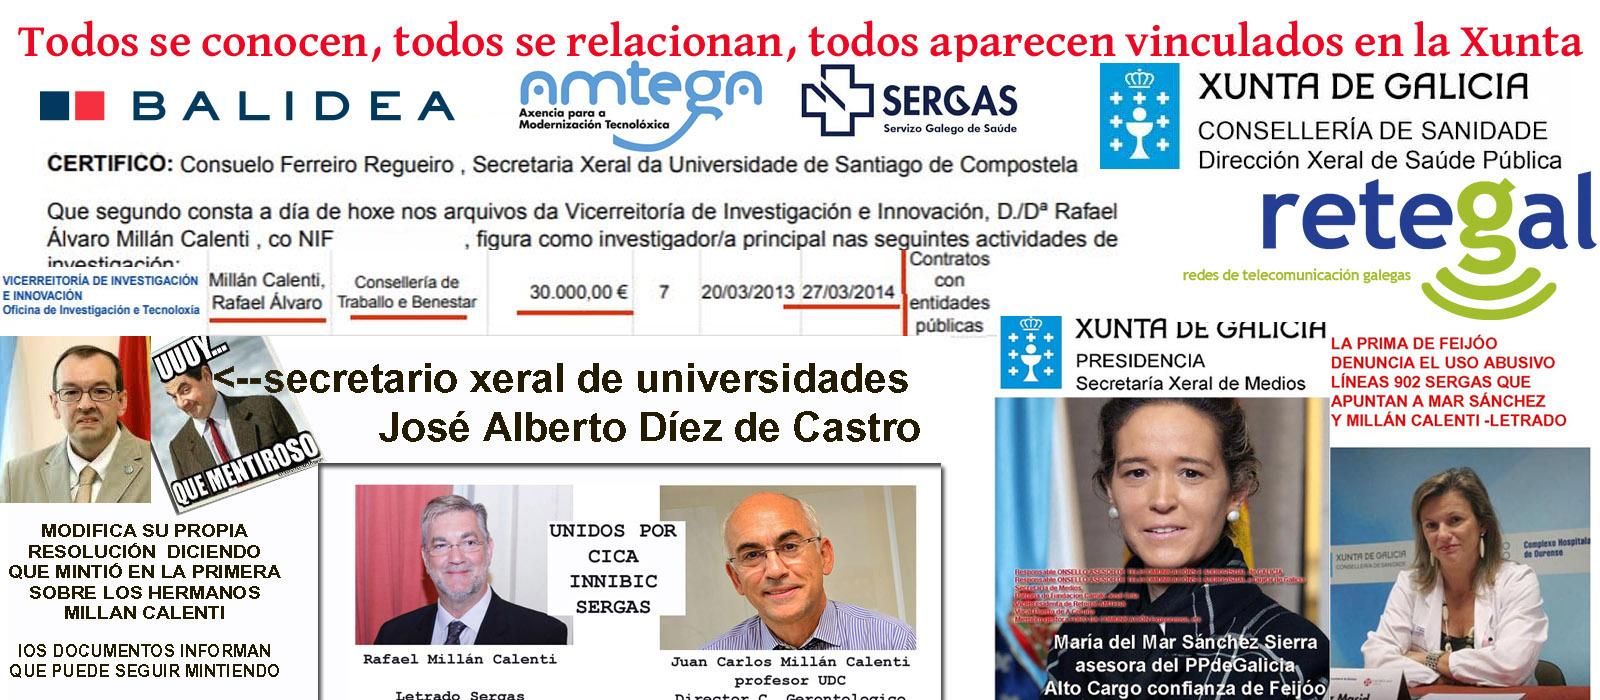 Xornal de Tecnologias Digitales - Xornal Galicia | Xornal Galicia